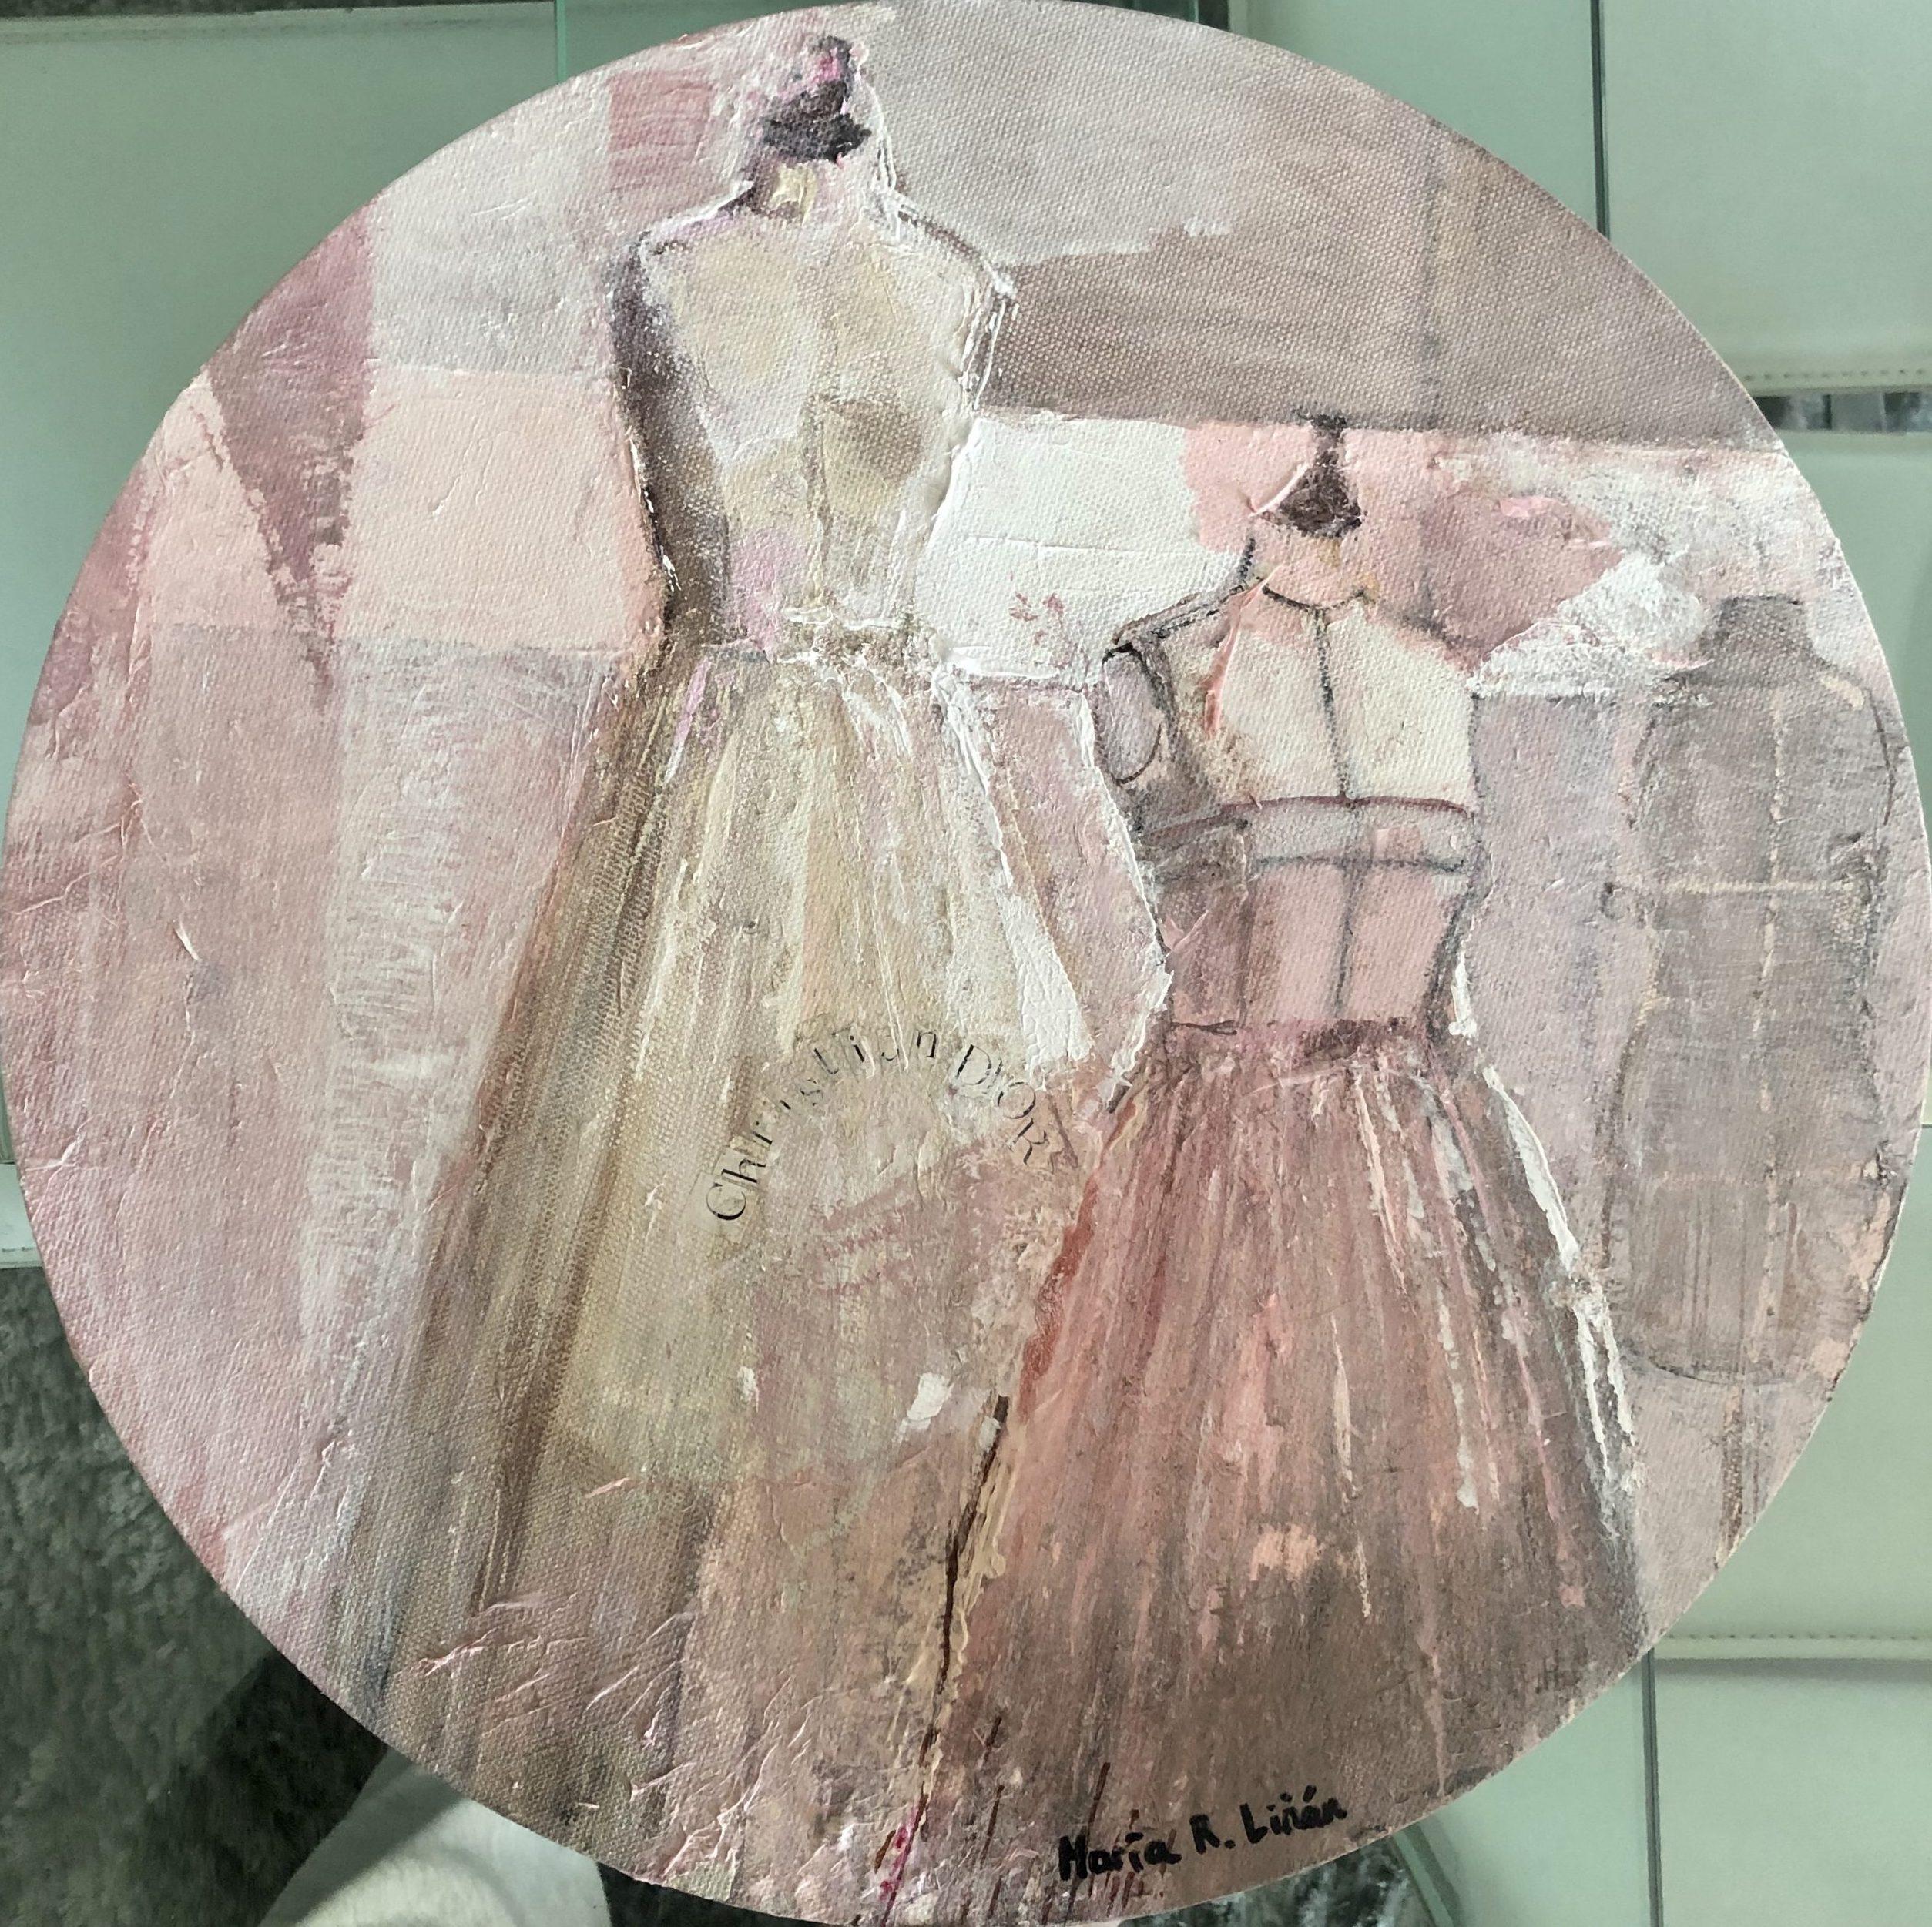 cuadro redondo rosa moda maniqui